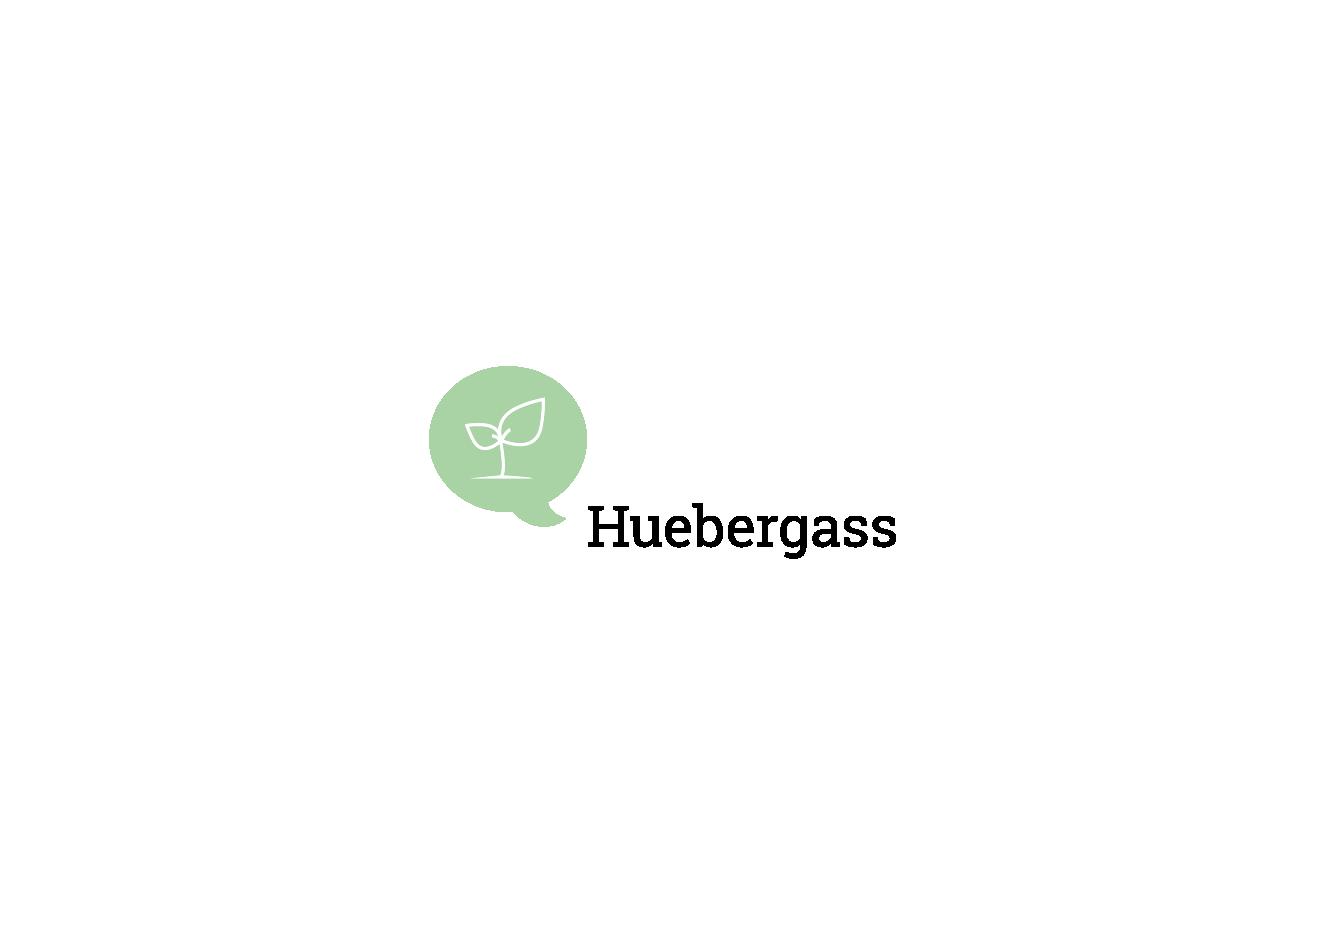 huebergass